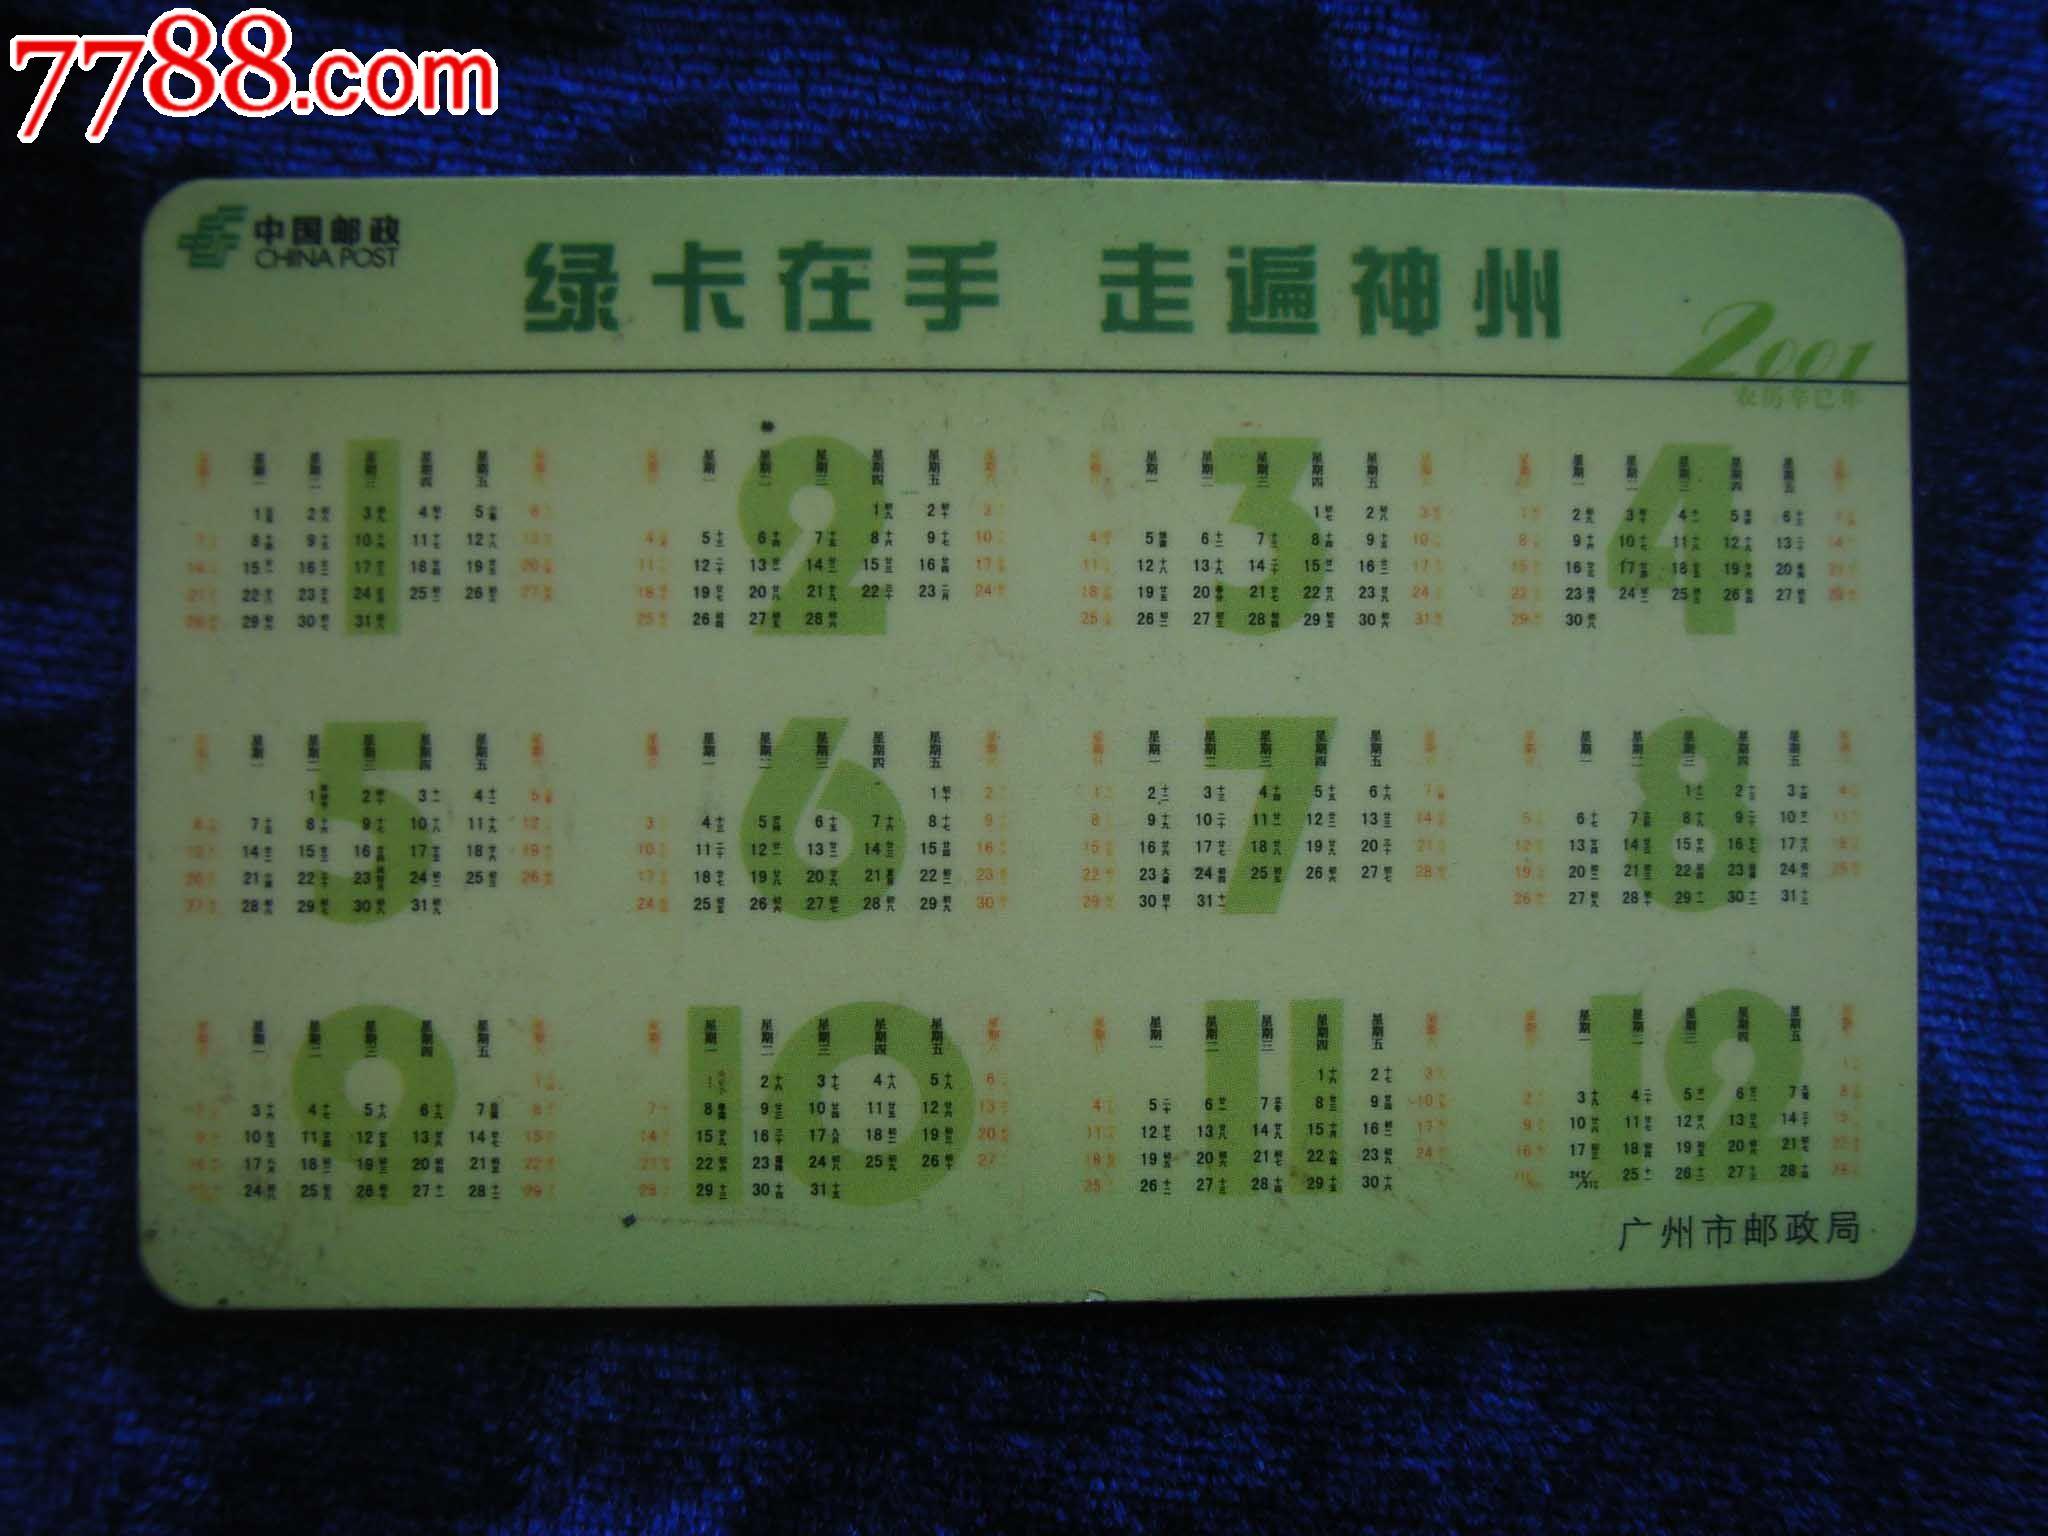 邮政年历卡-价格:1.5元-se18870802-年历卡/片-零售图片